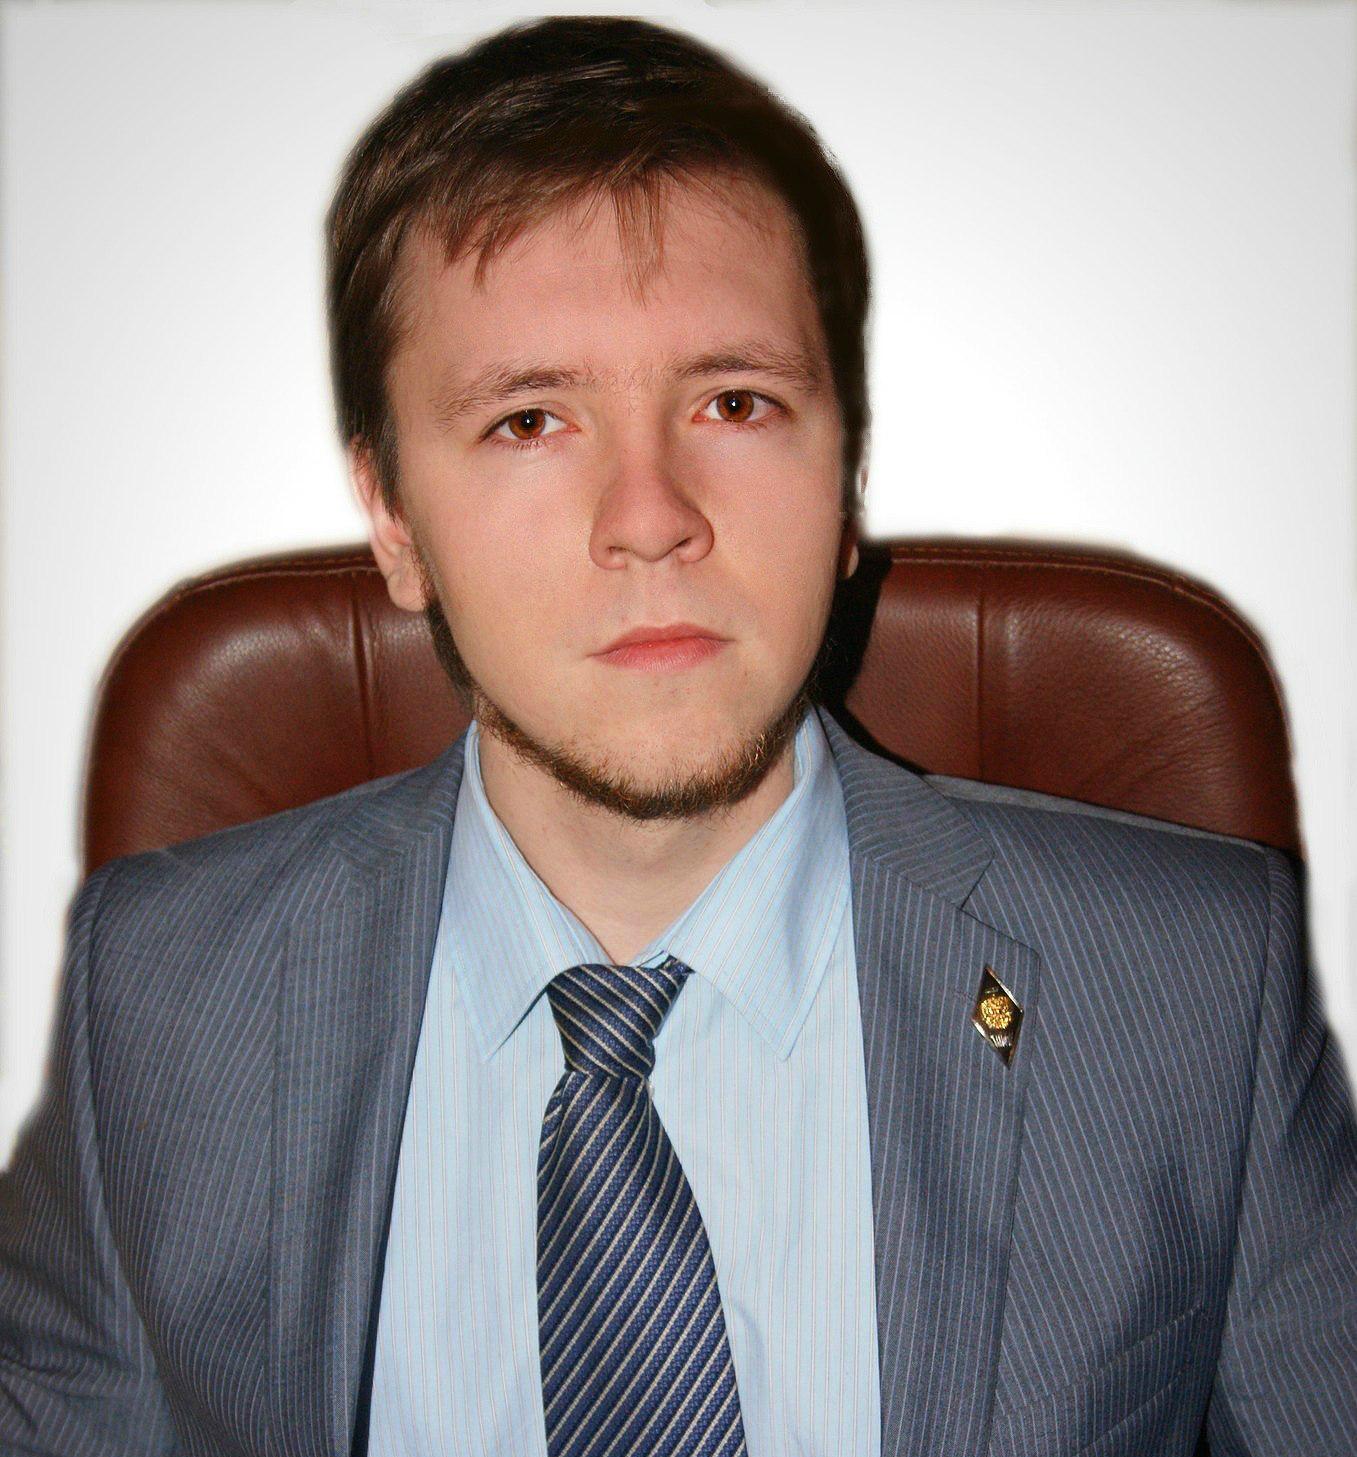 Кандидат в депутаты Муниципального Собрания Марьино К.А. Шарловский